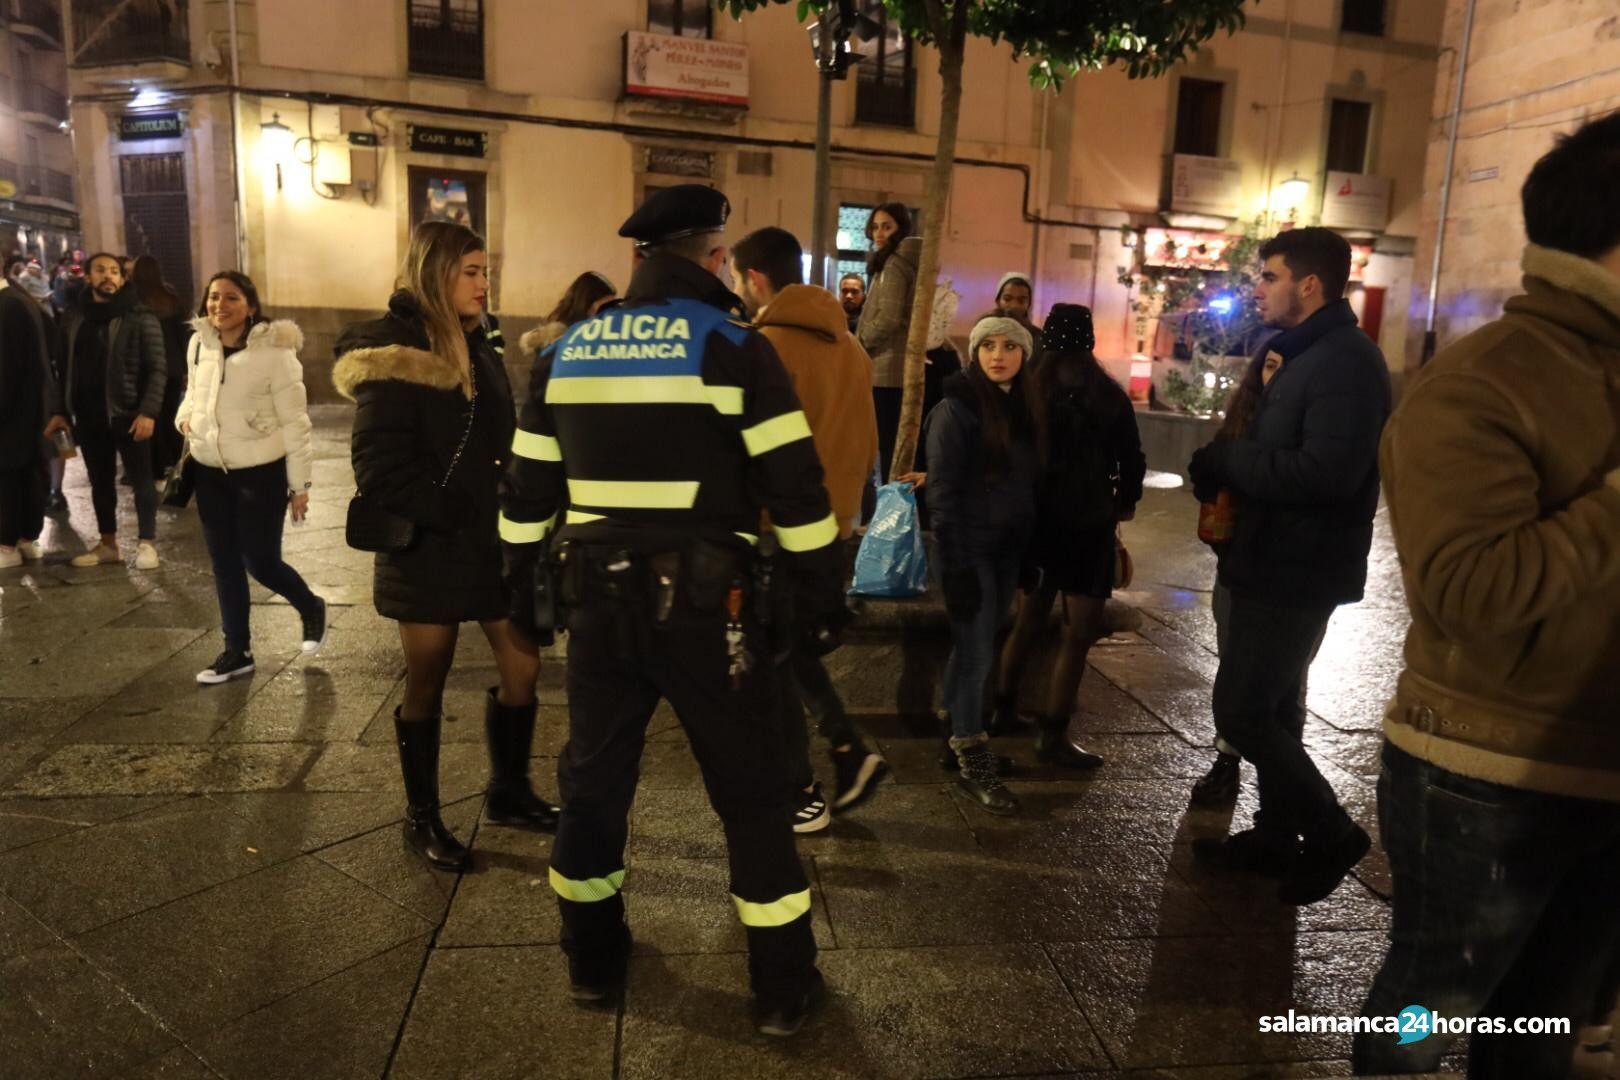 Polici?a Local alcohol FAU 2